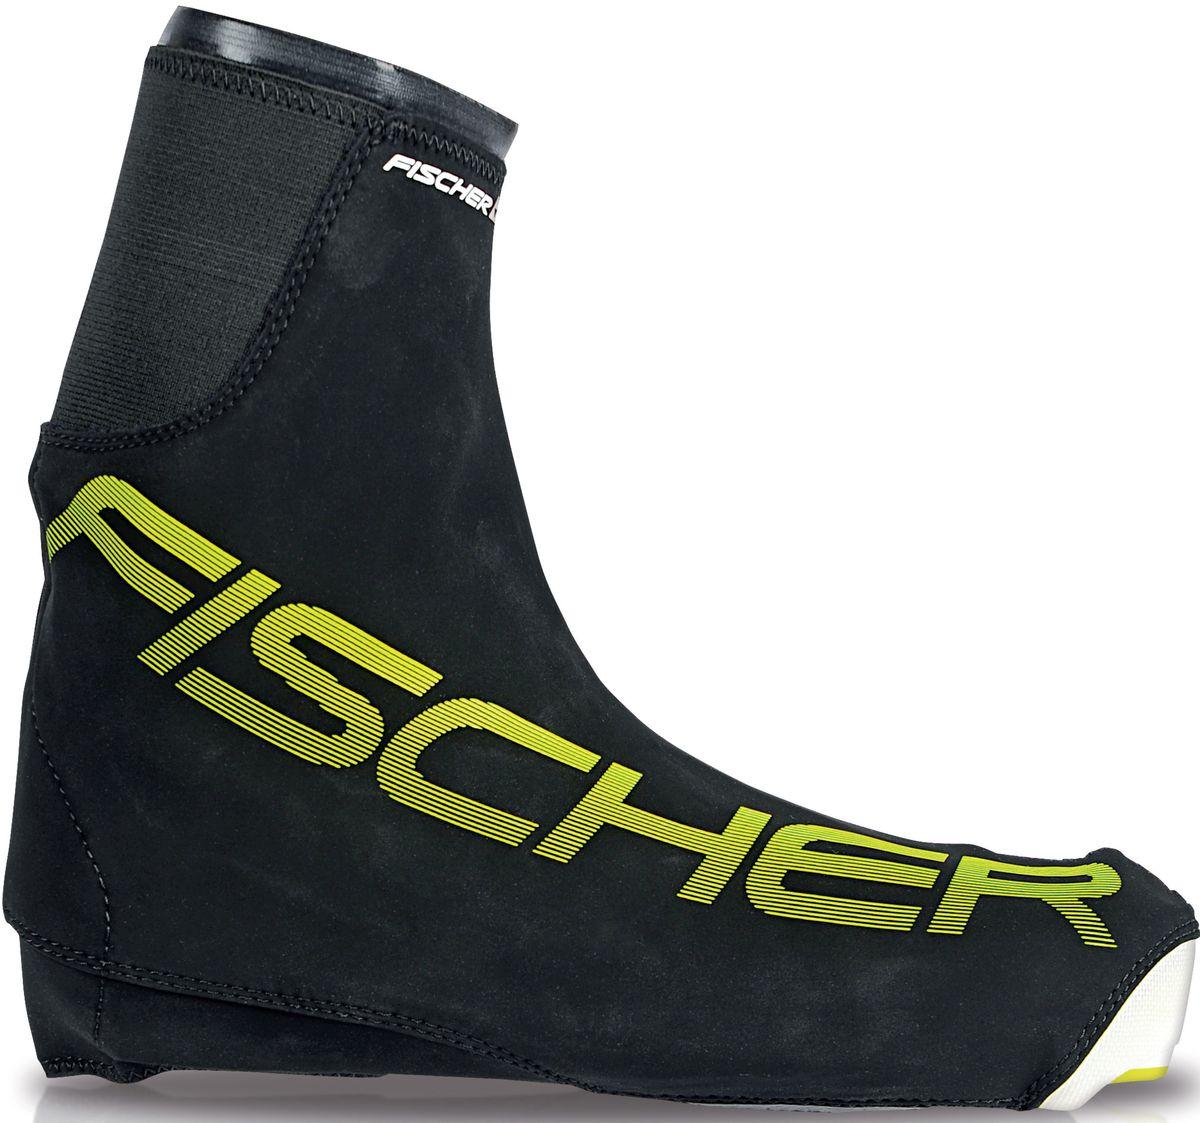 Чехлы для лыжных ботинок Fischer Bootcover Race, размер XL. S43115S43115Практичный и удобный чехол для лыжных ботинок Fischer BootCover Race станет незаменимым помощником на тренировках, разминках и просто в холодную погоду. Он надежно защитит ноги от холода и влаги.